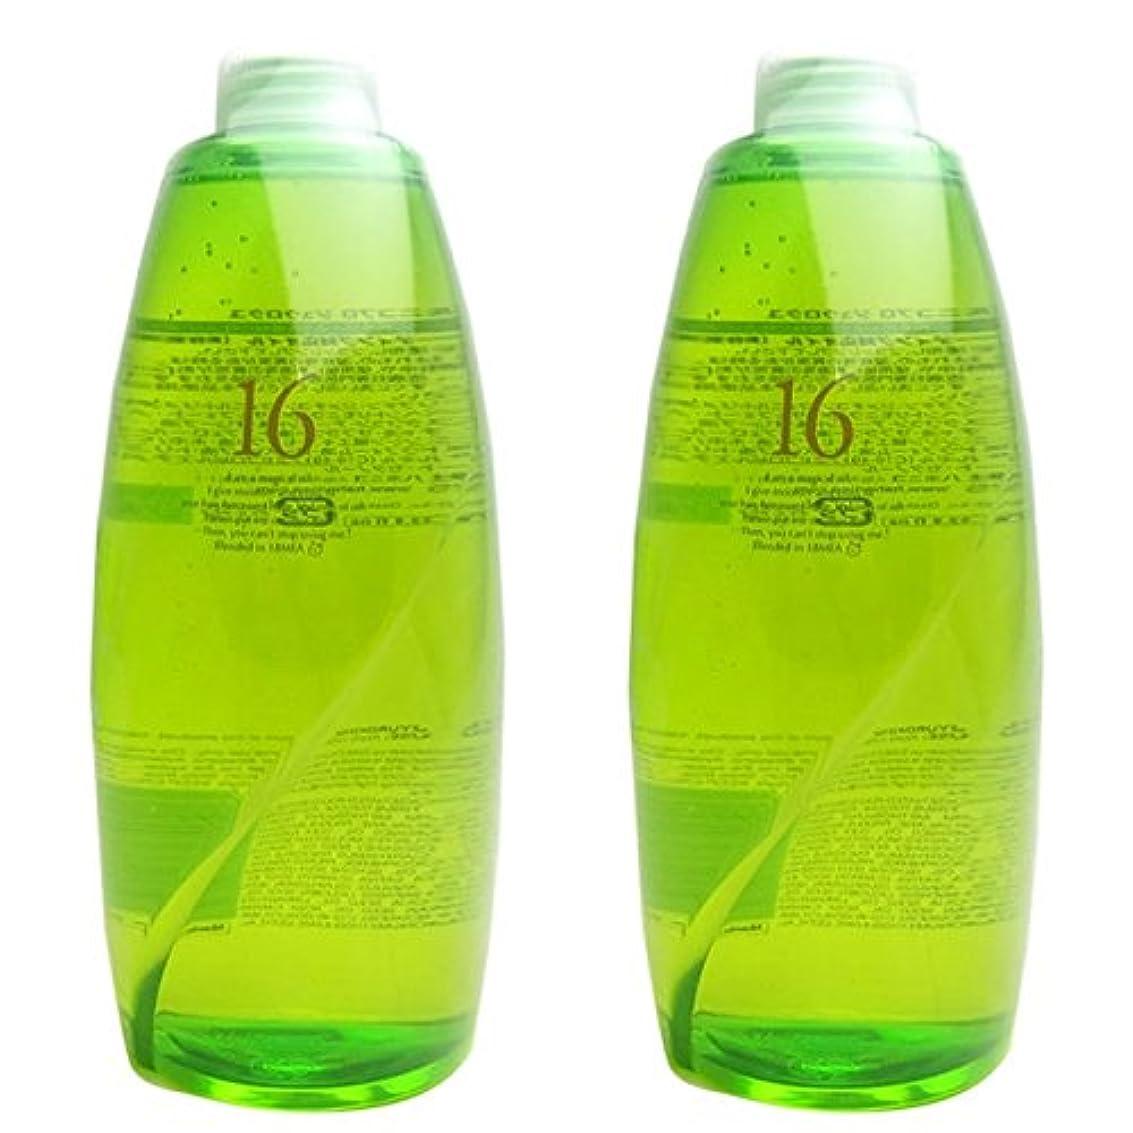 受信隣人端【X2個セット】 ハホニコ 十六油 (洗い流さないトリートメント) 1000ml 詰替え用 hahonico